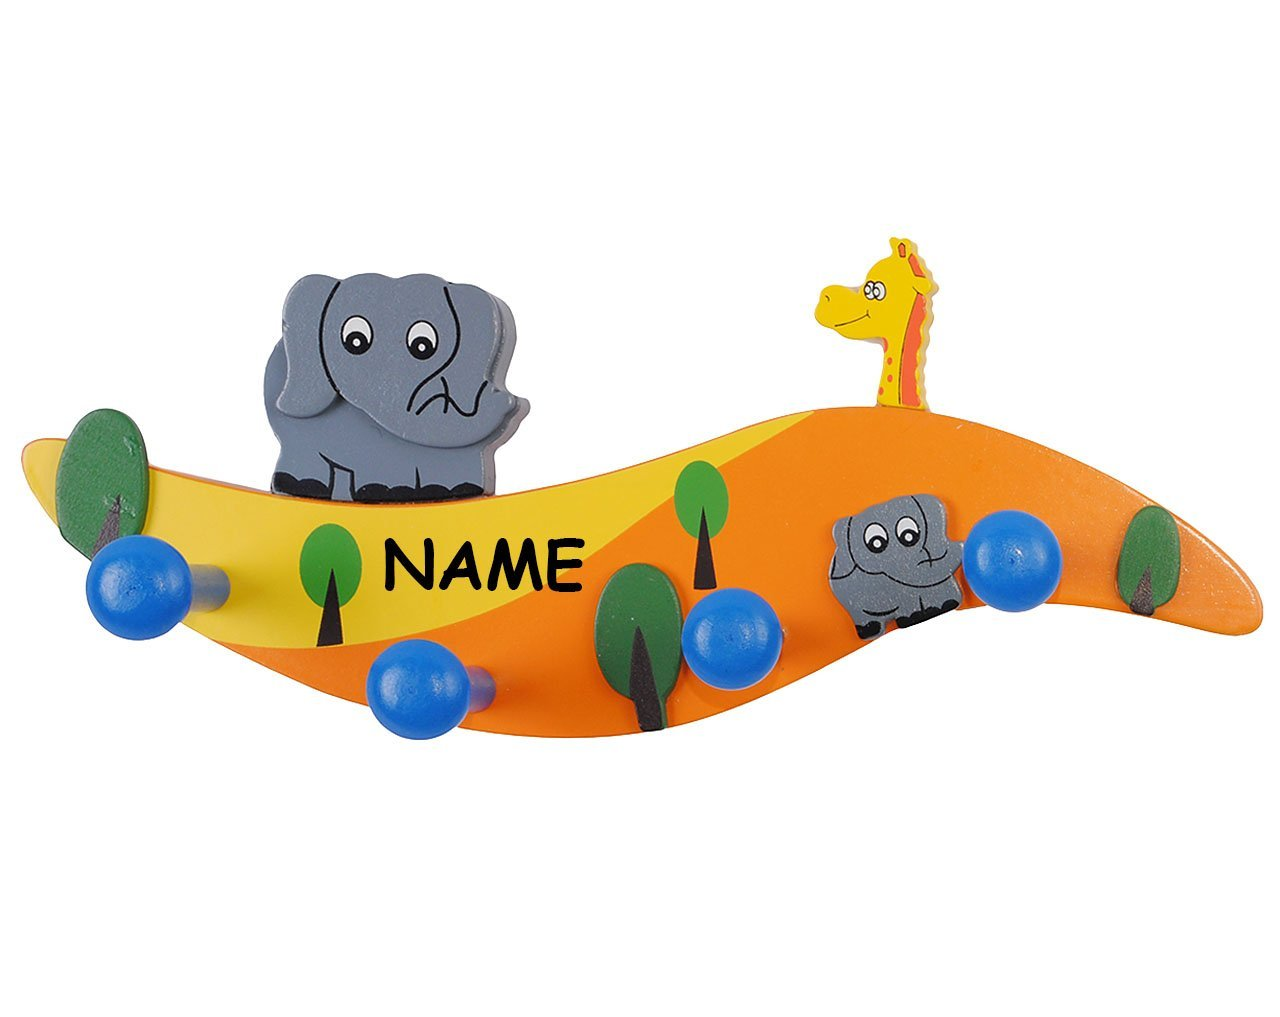 Garderobenhaken - Elefant & Giraffe incl. Namen - für Kinder mit 4 ...